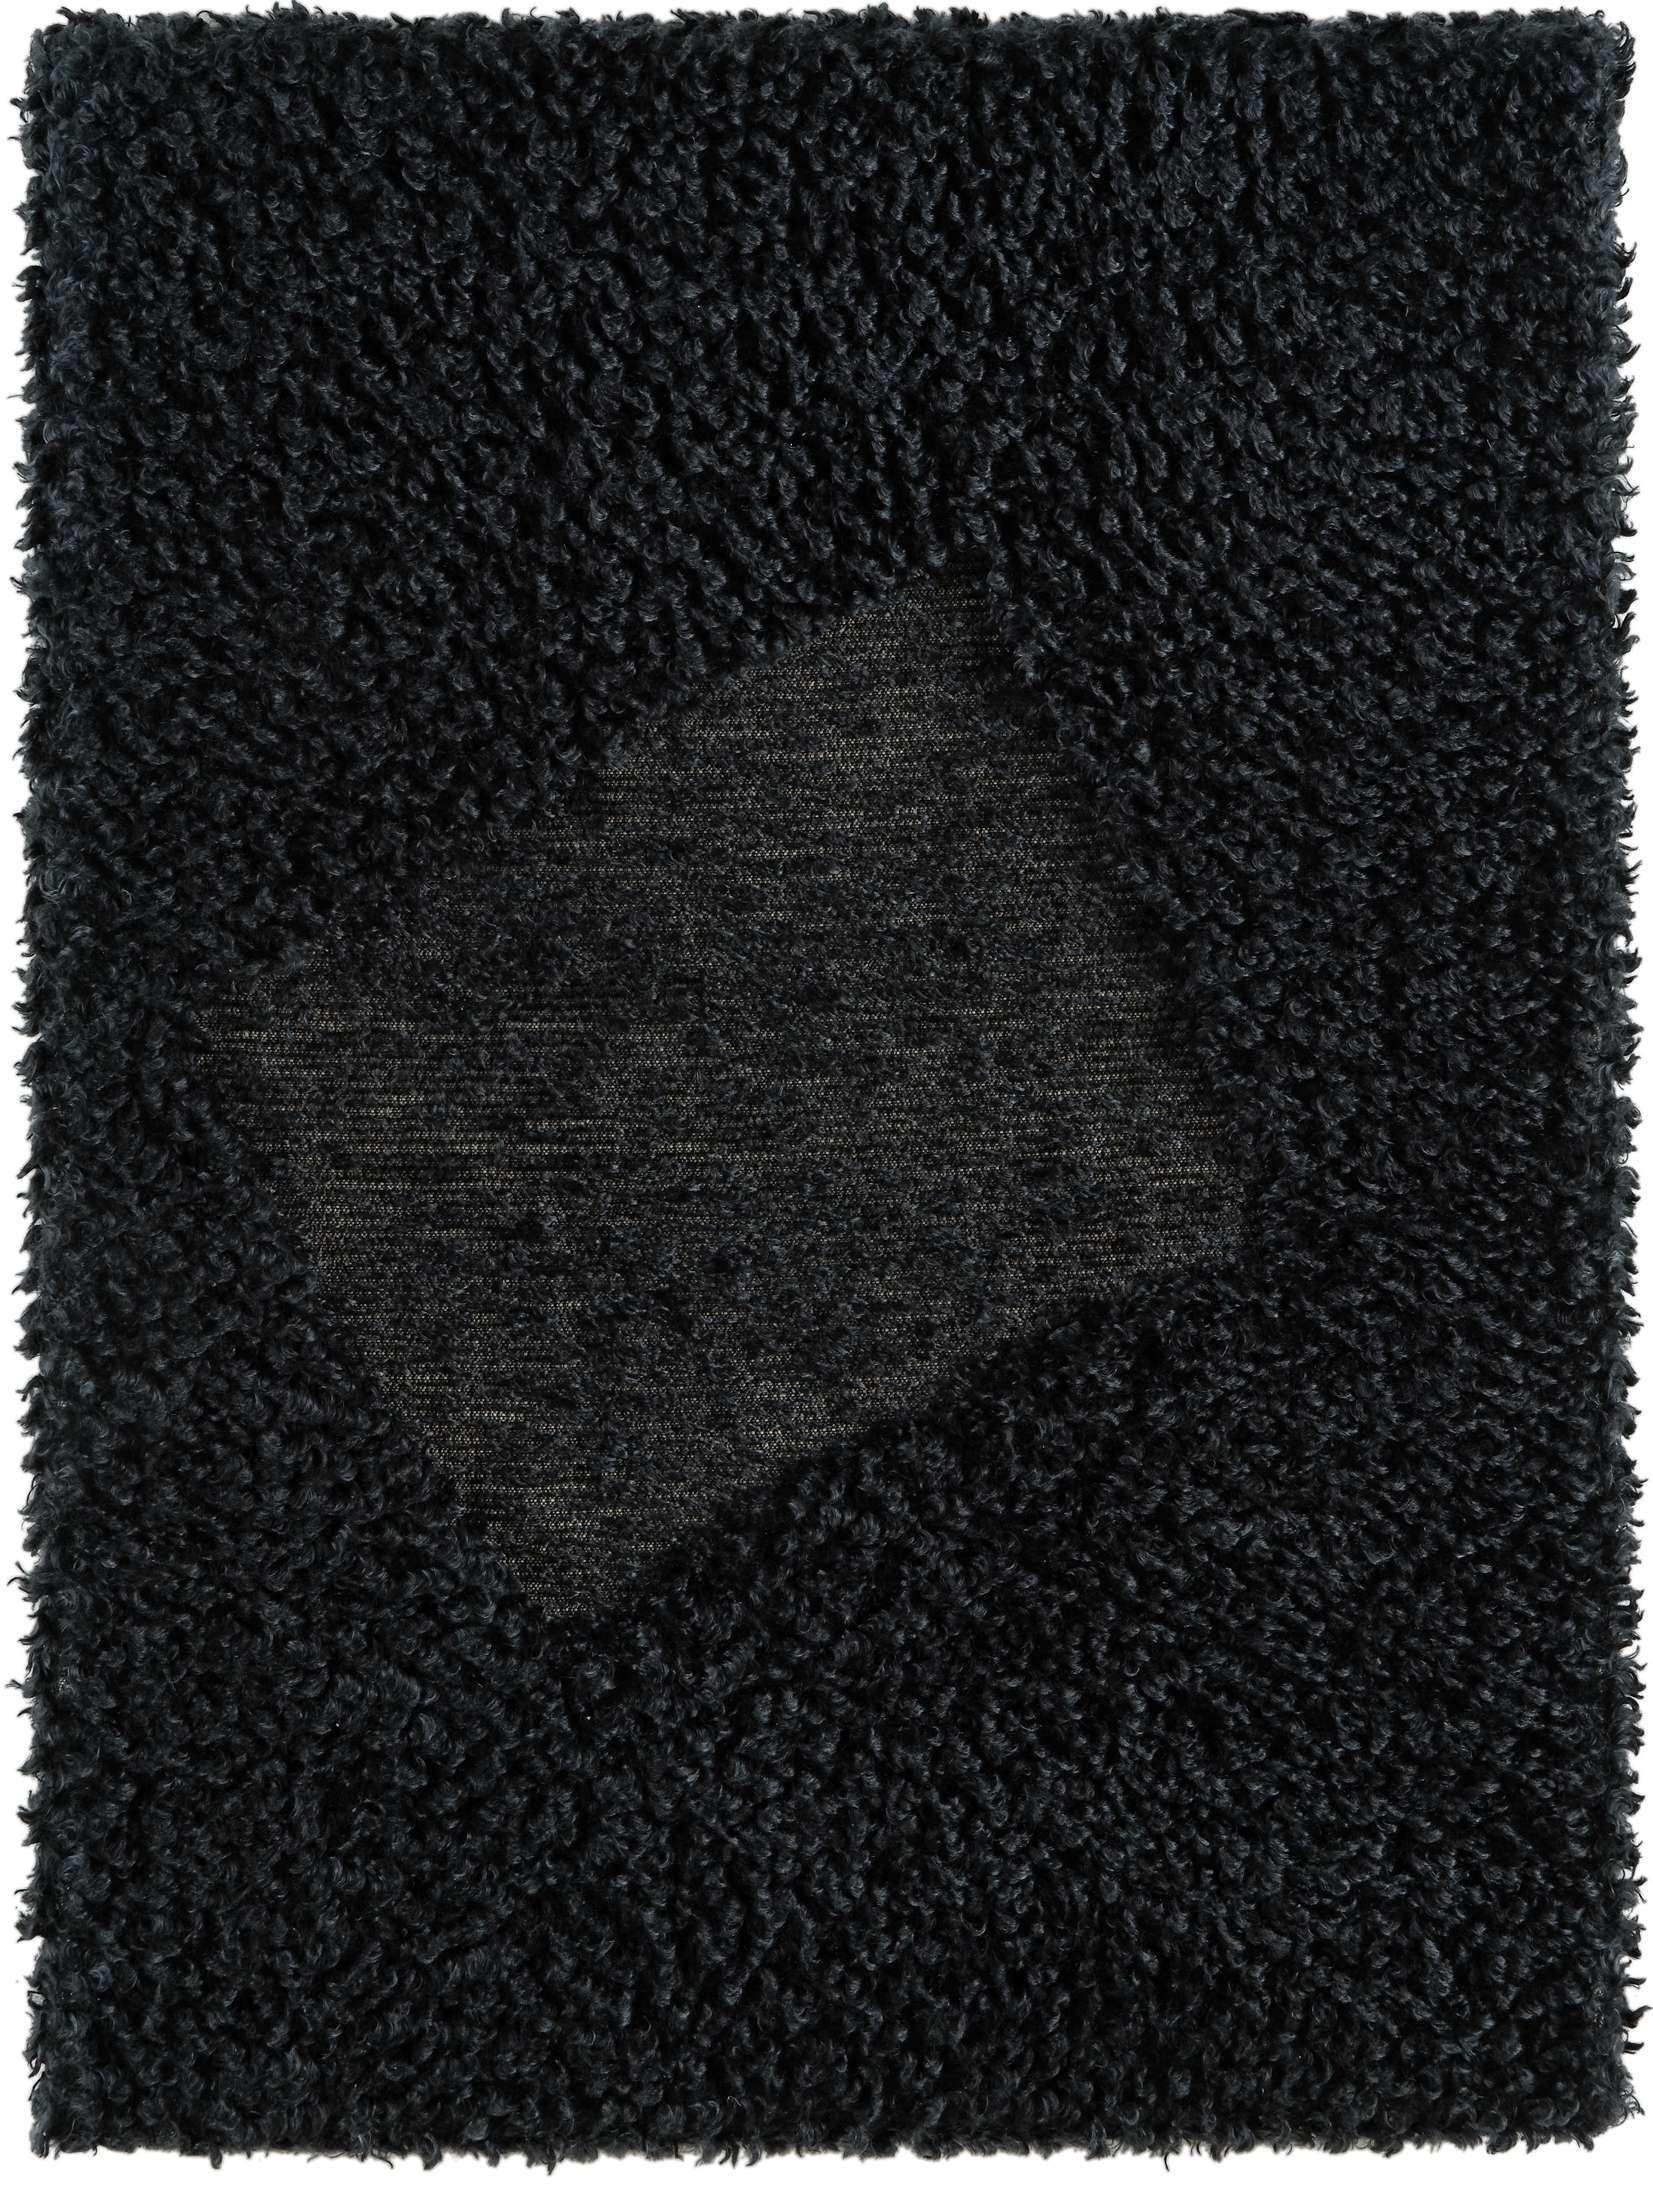 Présence Panchounette, Rasé tondu ou toile caniche, 1983 Moquette rasée tendue sur chassis75 x 56 cm / 29 1/2 x 22  inches